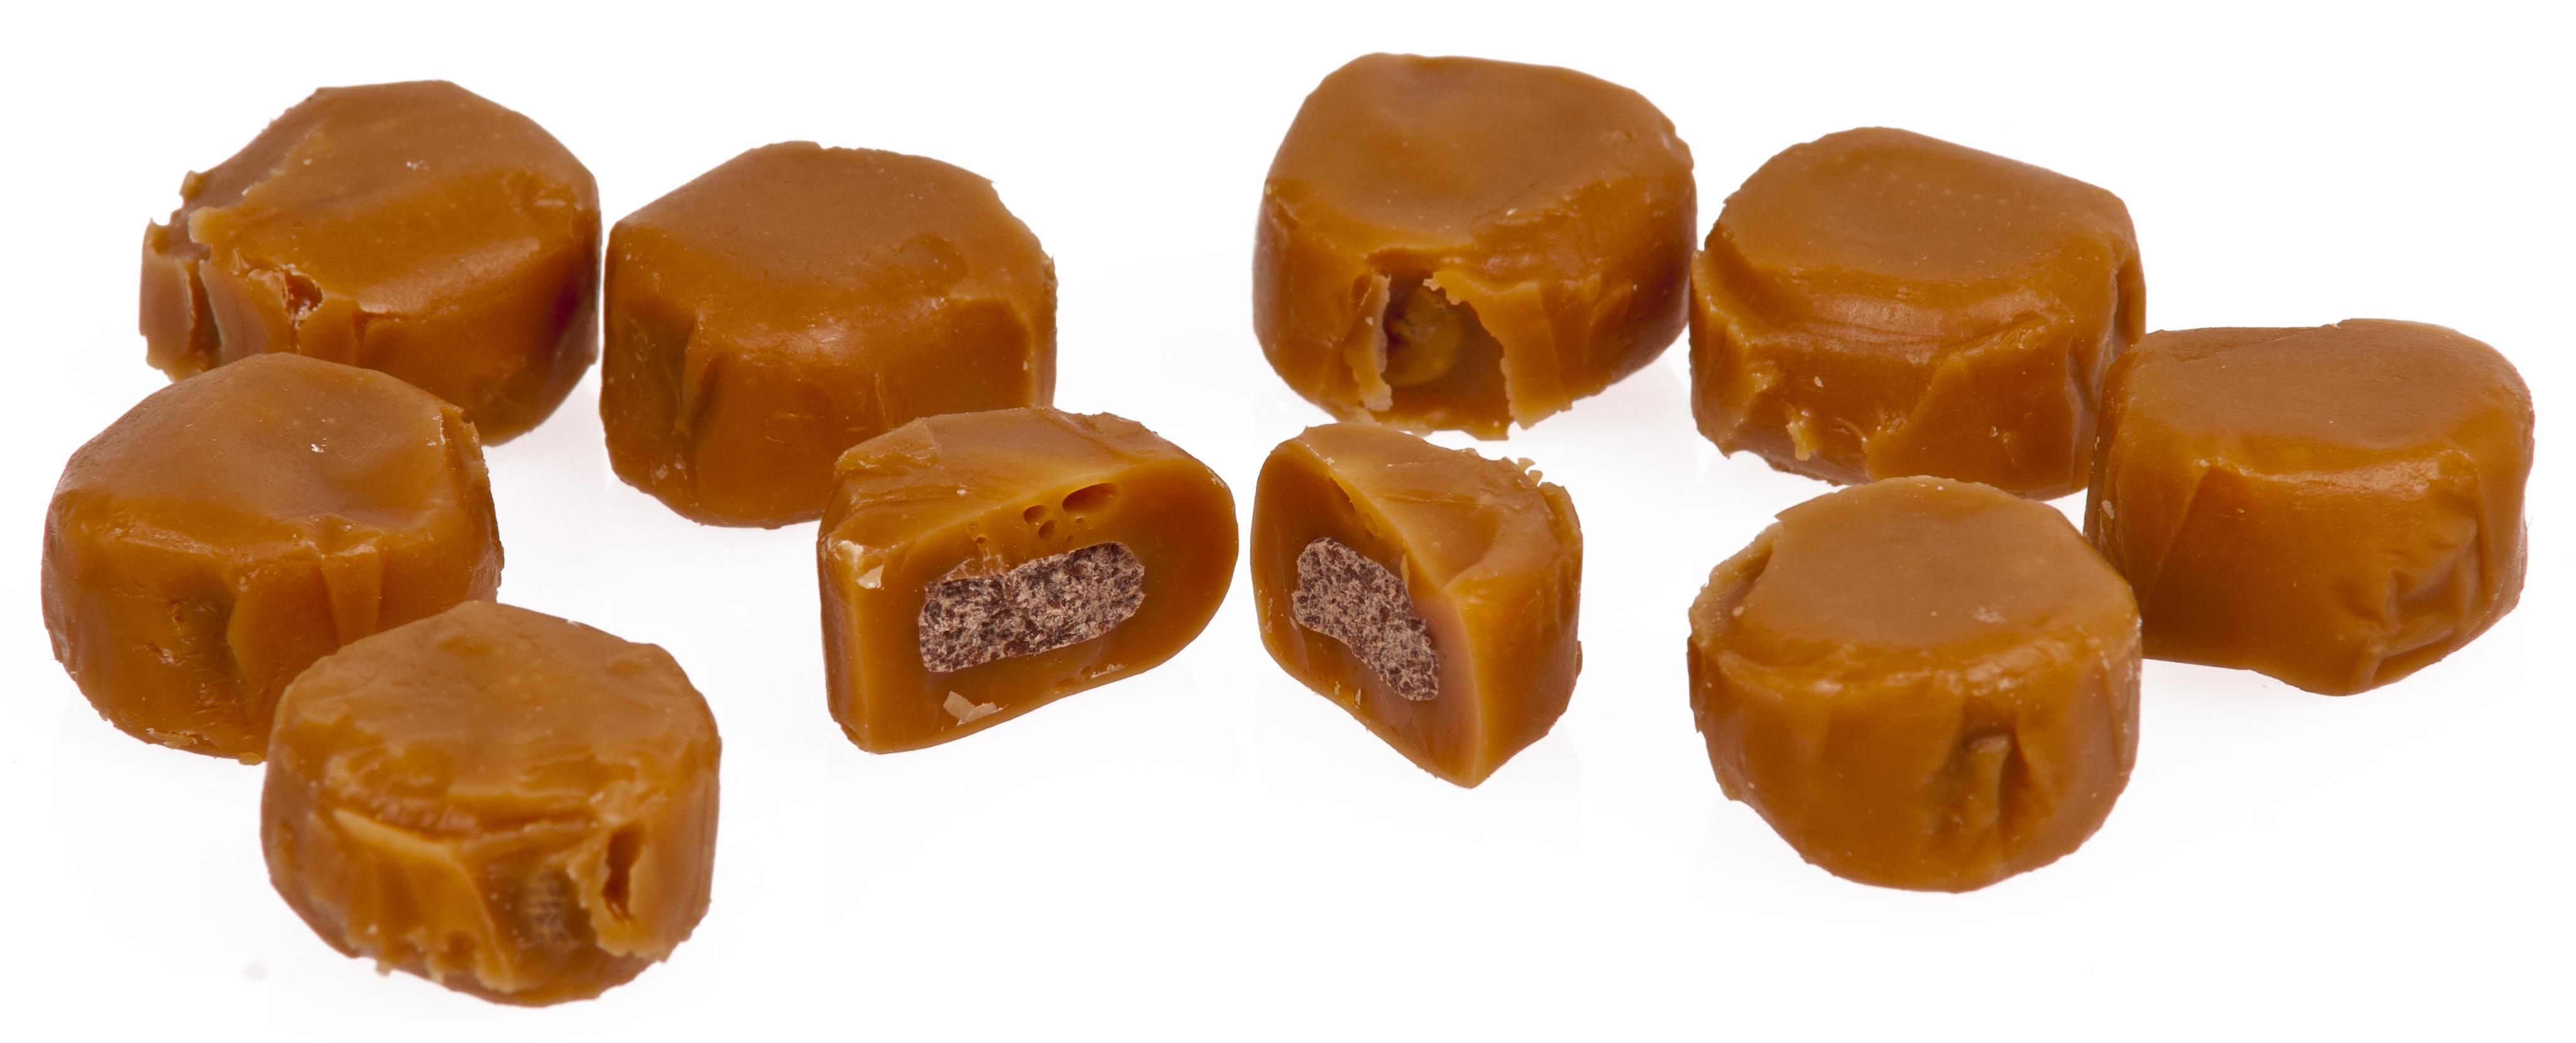 Cadbury Eclairs Wikipedia